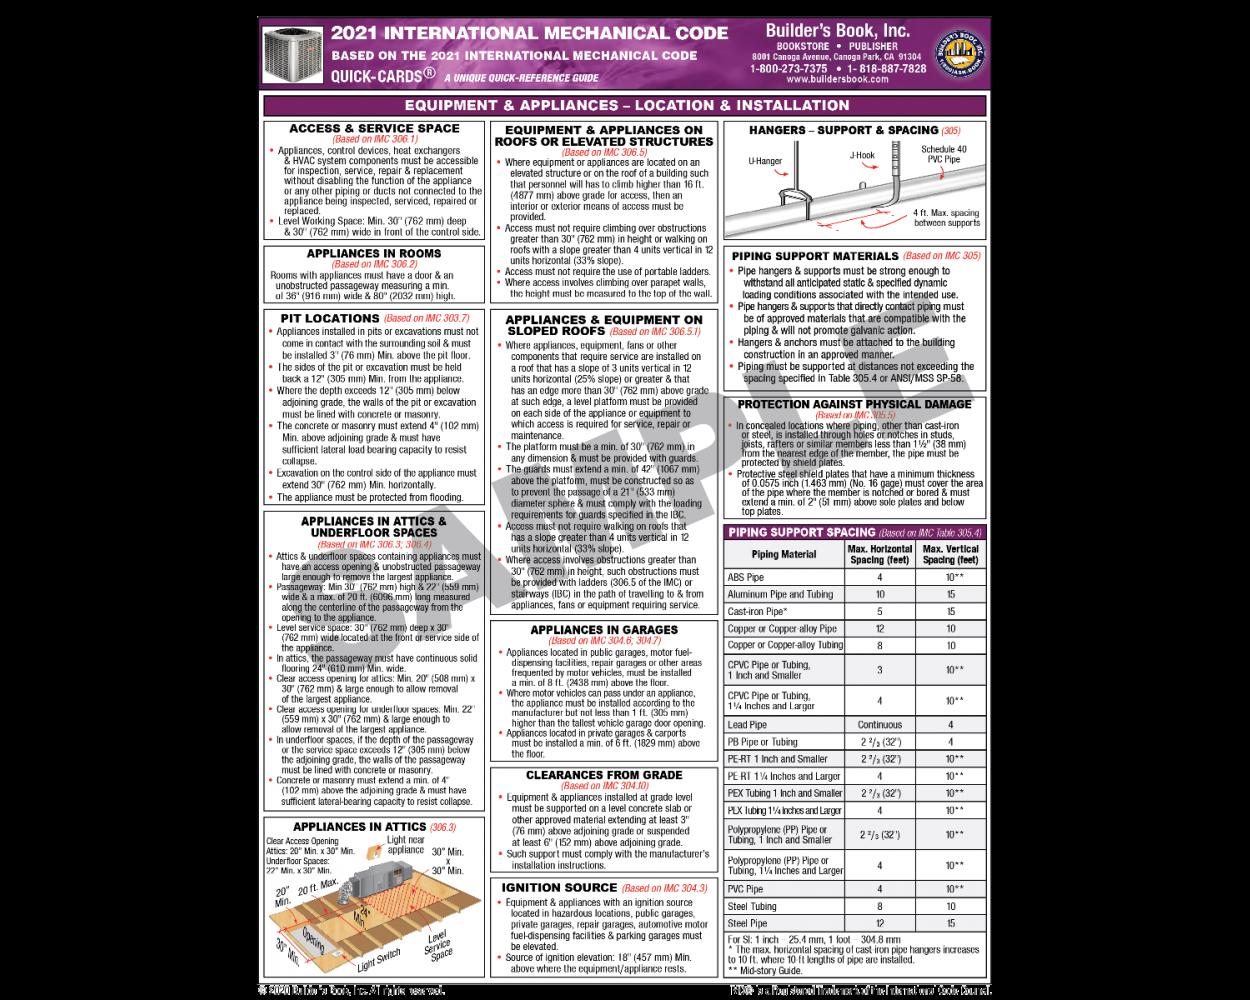 2021 International Mechanical Code